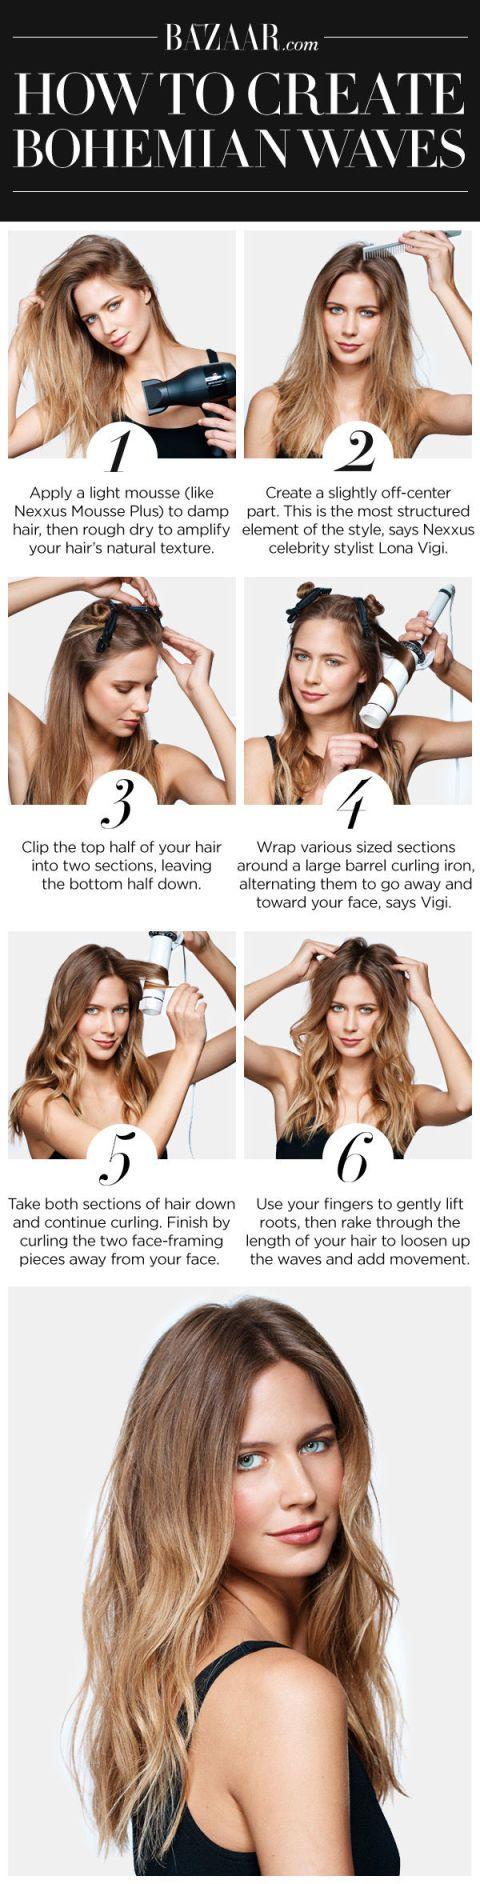 How To Create Bohemian Waves Braids Pinterest Hair Hair